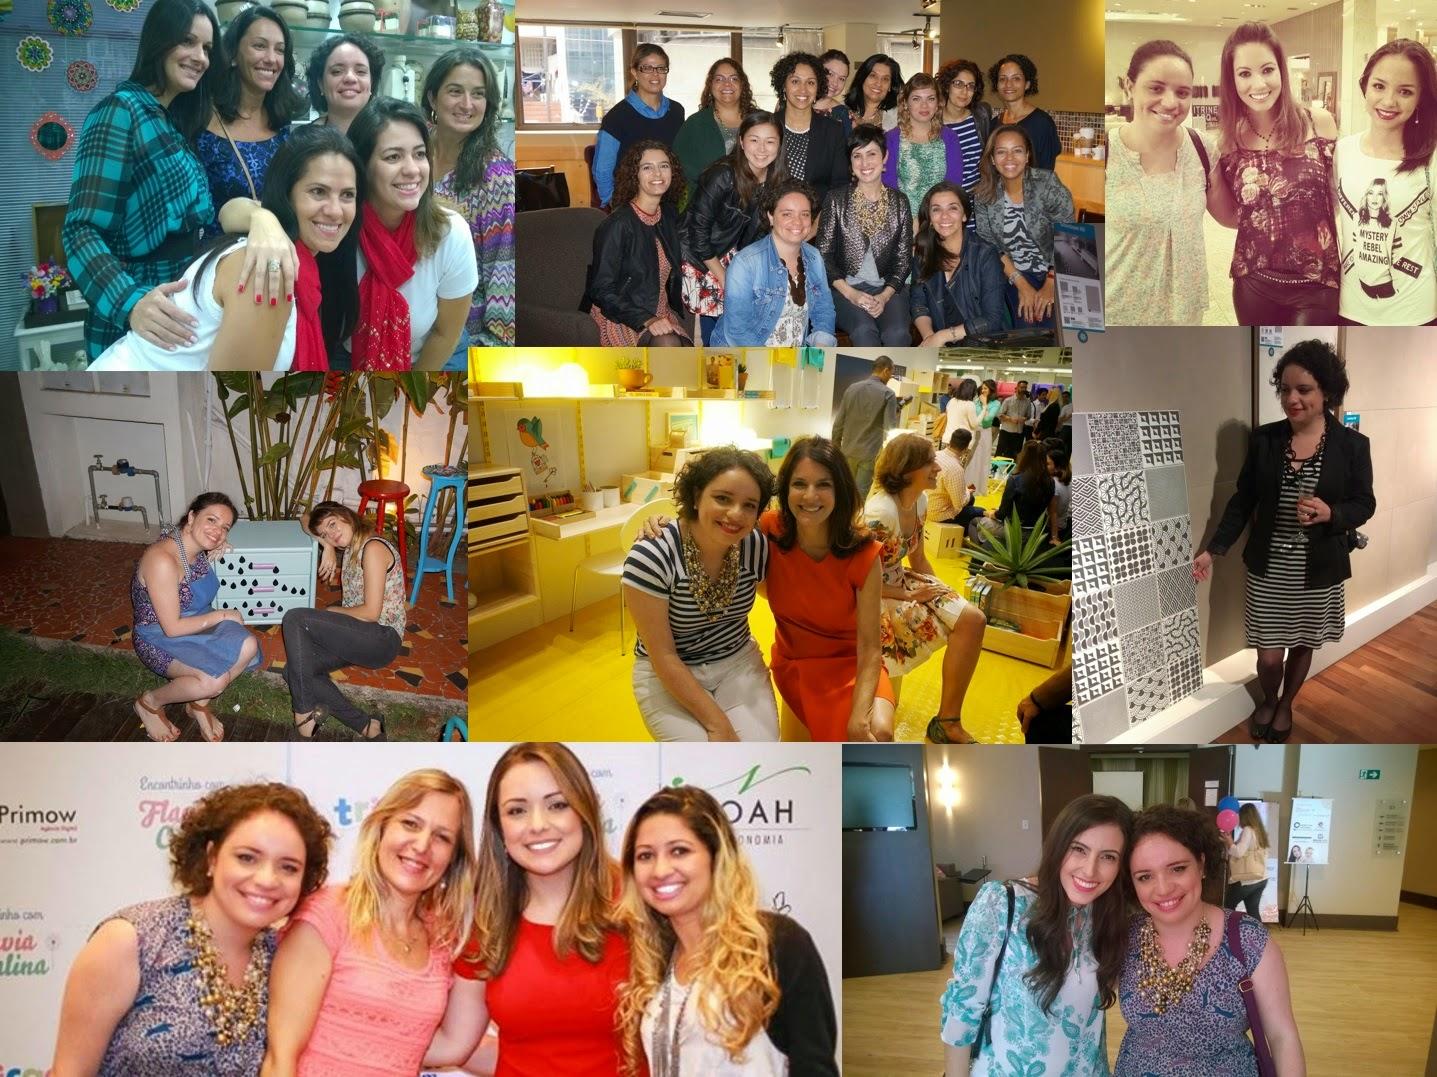 eventos que Carina Pedro participou em 2014 - Flor de Malagueta, Ana Soares, Juliana Goes, Thalita Carvalho, Bel Lobo, Cerâmica Portinari, Flávia Calina, Bruna Dalcin